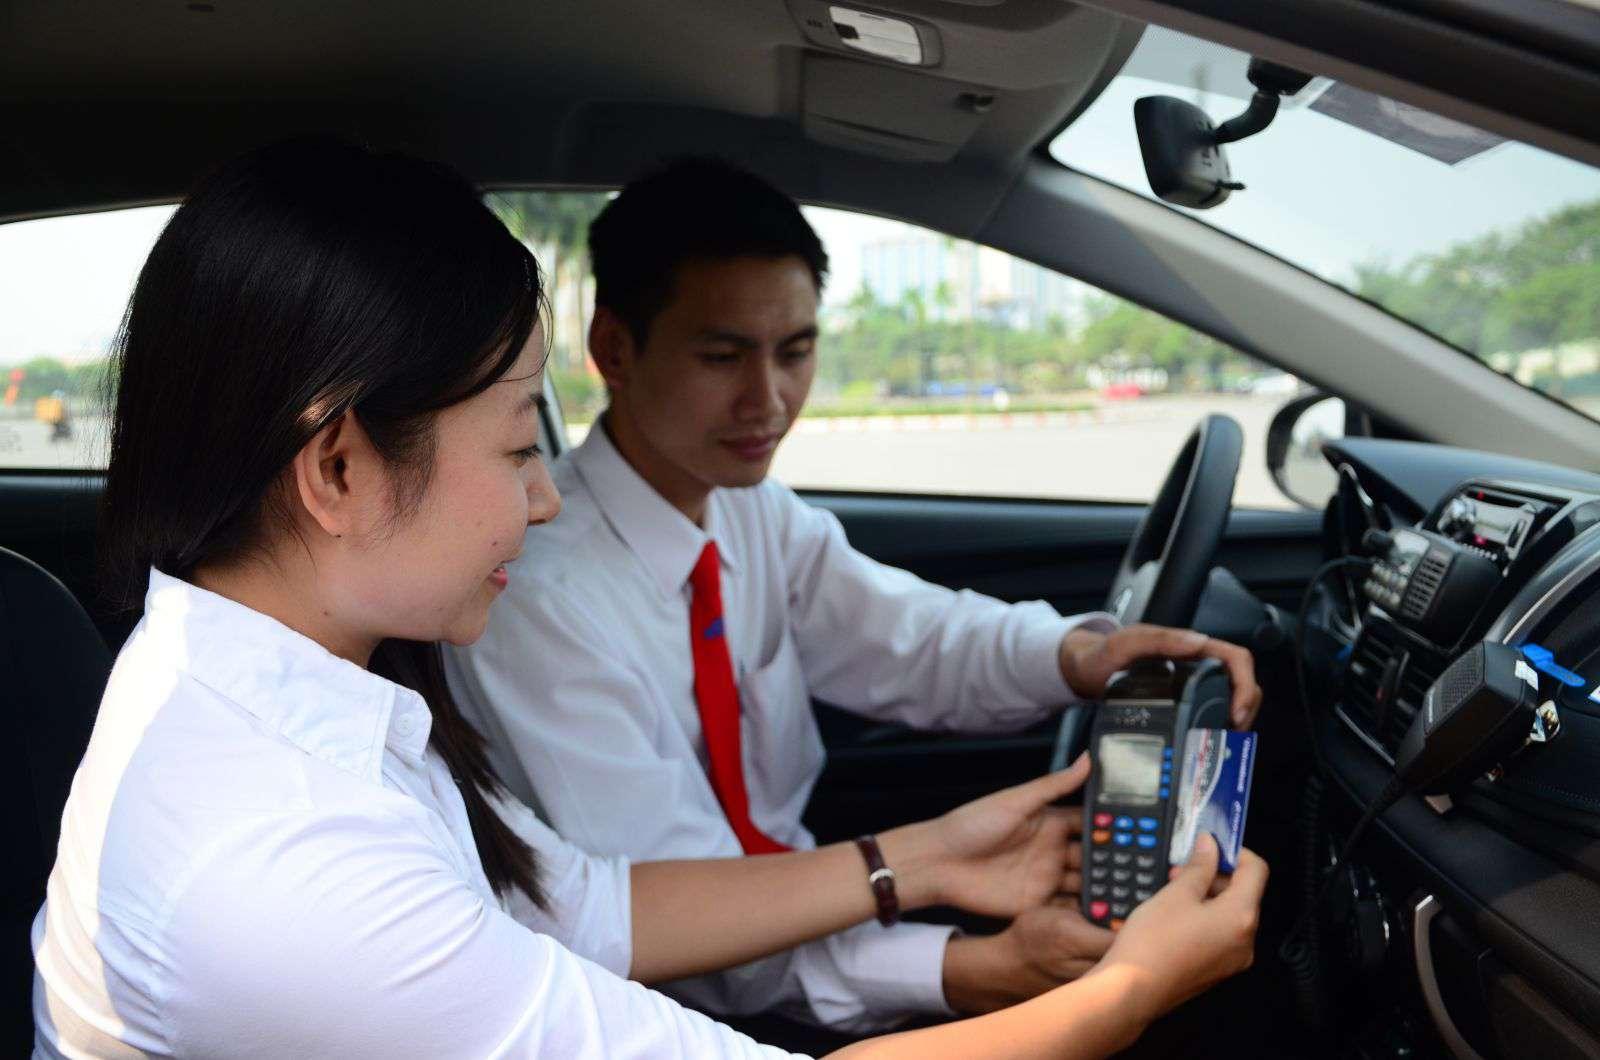 thanh toan bang the - Taxi Group tuyển lái xe tháng 8 năm 2015